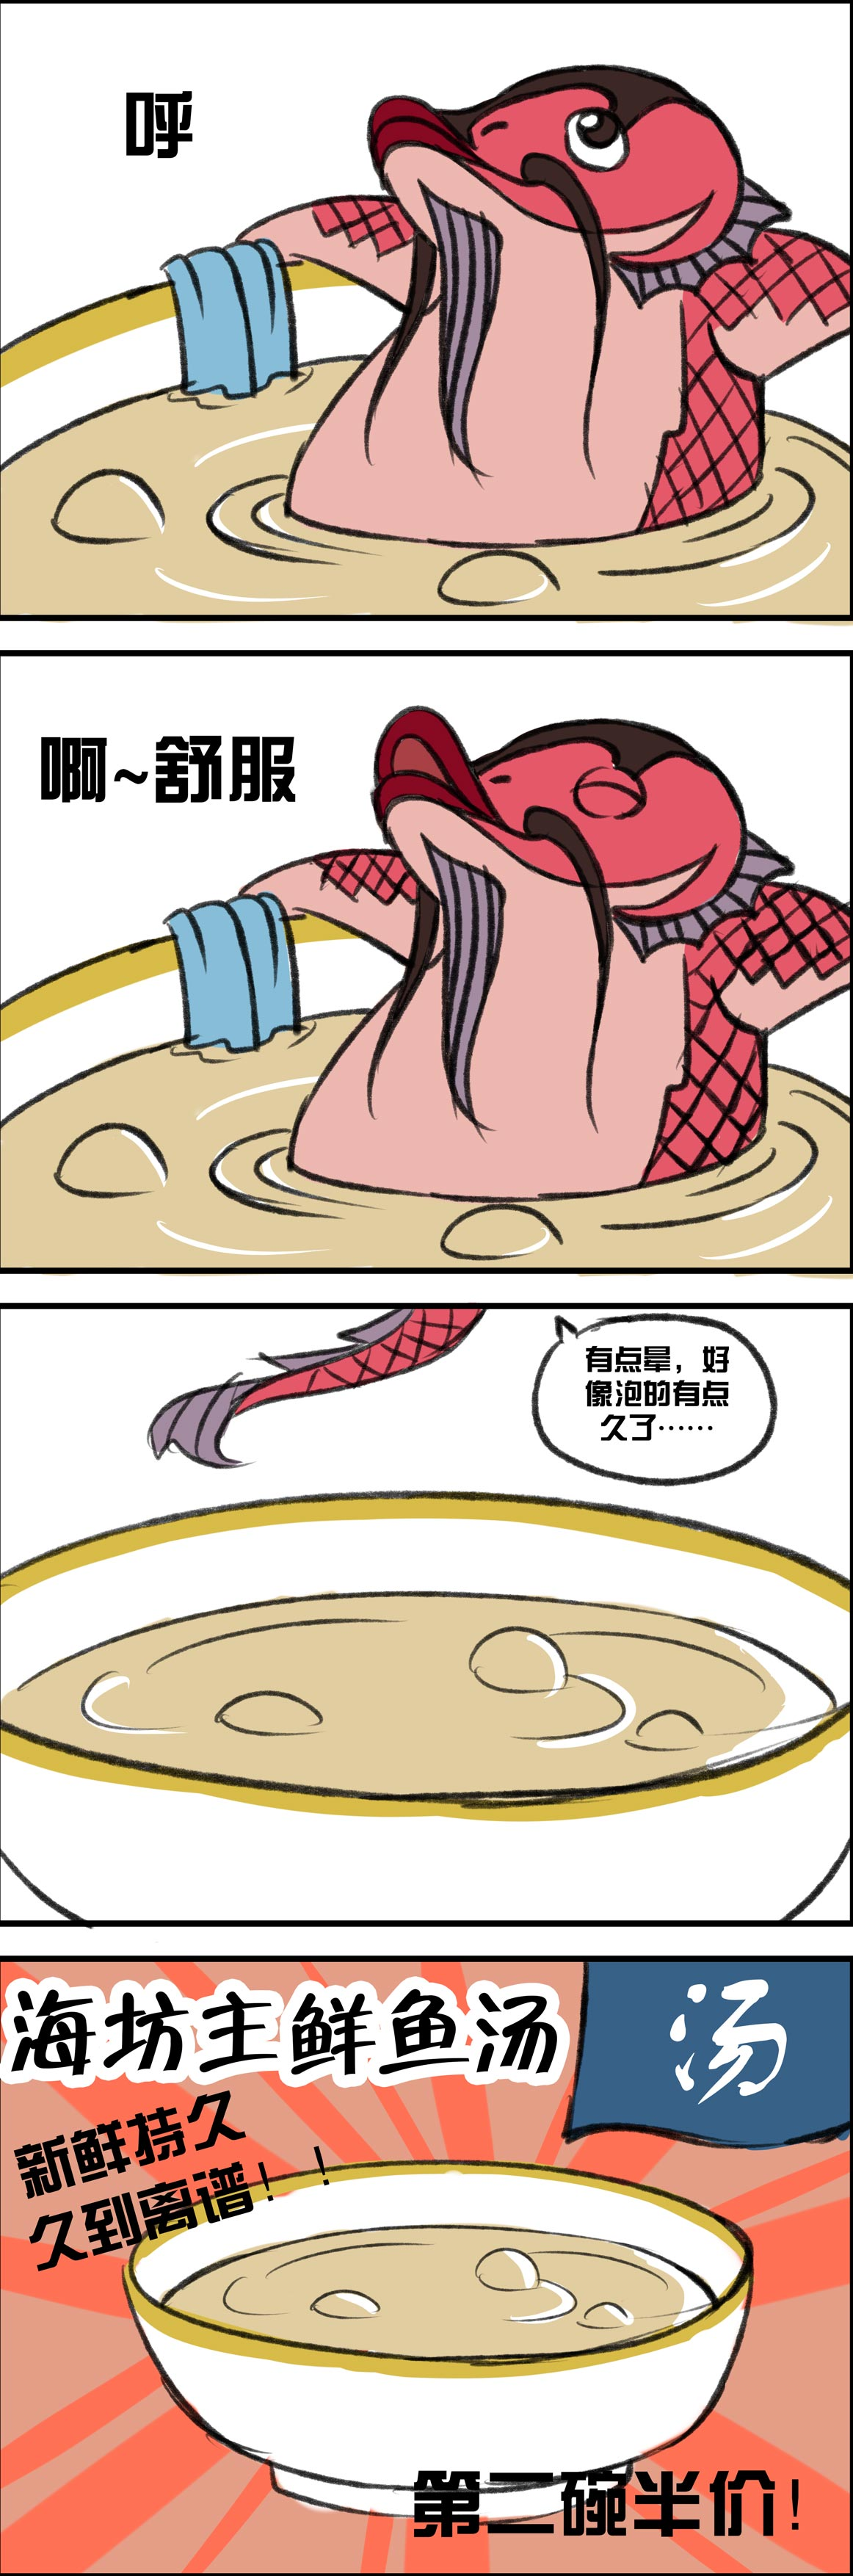 海坊主鲜鱼汤.jpg